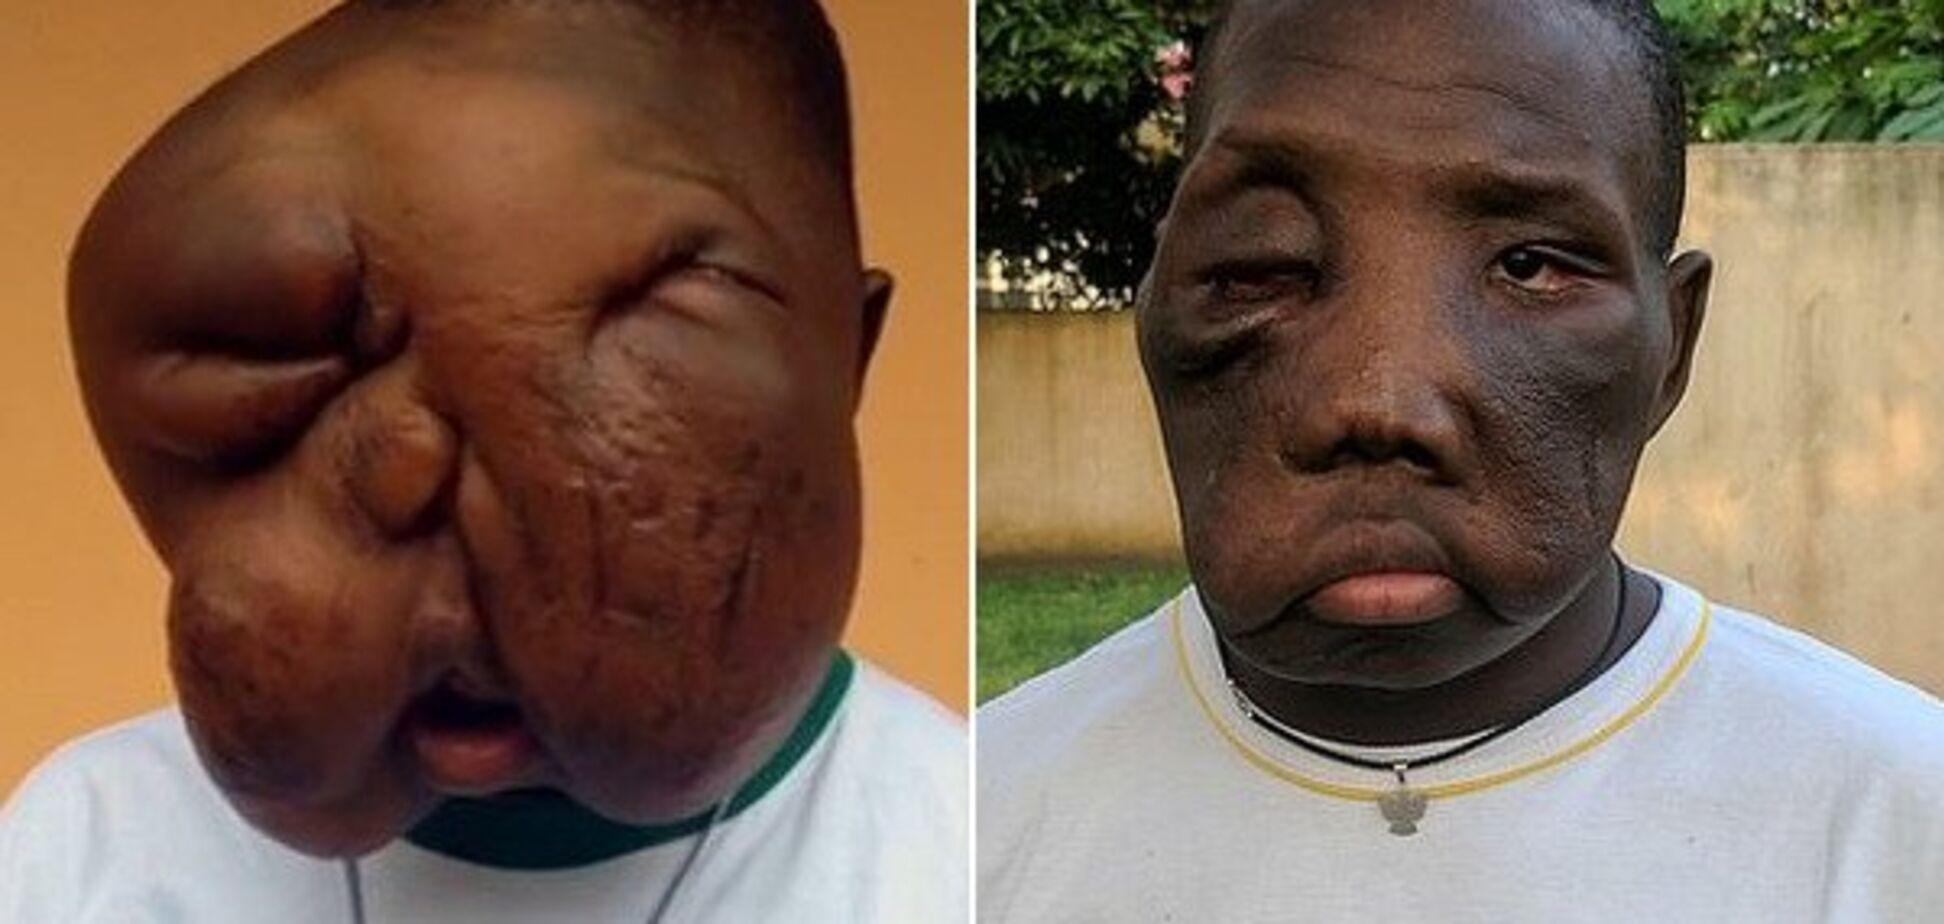 Врачи удалили подростку огромную опухоль на лице: поразительные фото до и после